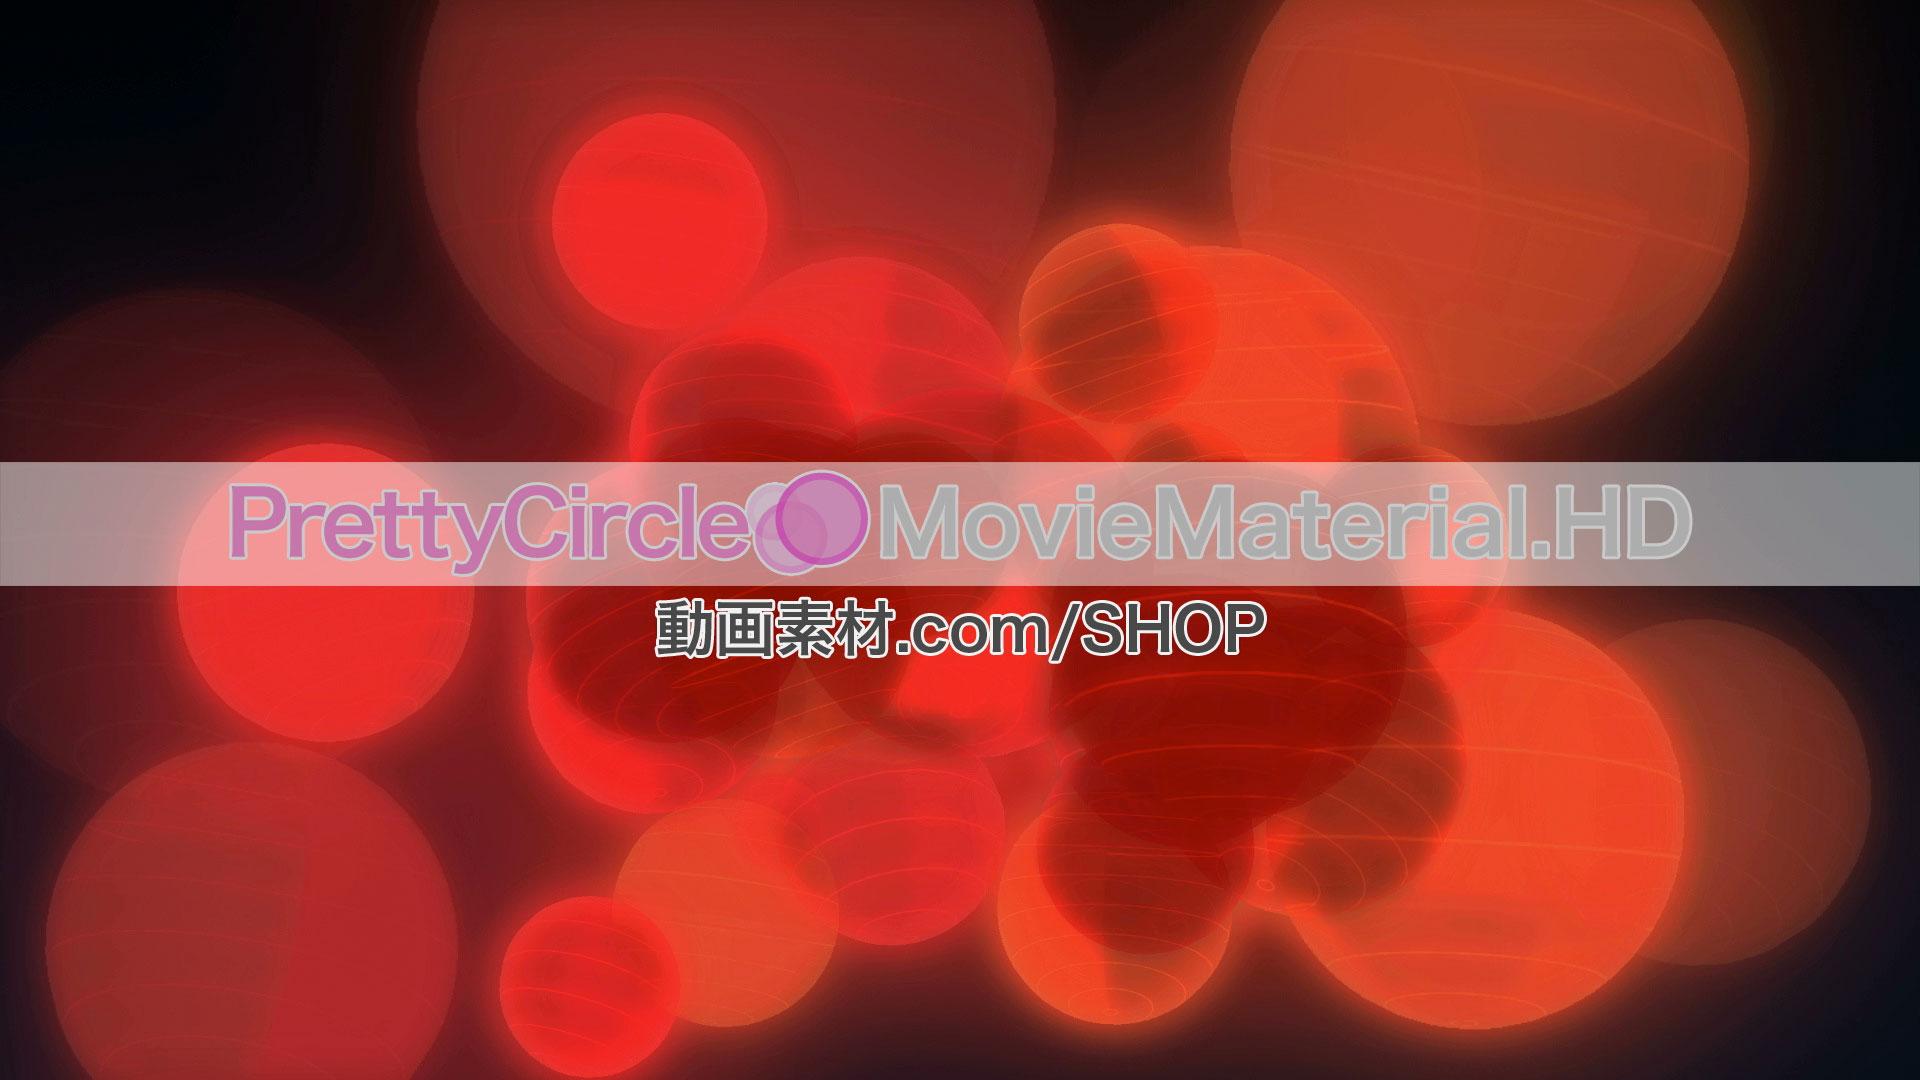 PrettyCircle MovieMaterial.HD 丸や玉をモチーフにしたフルハイビジョンCG動画素材集 ロイヤリティフリーimage4